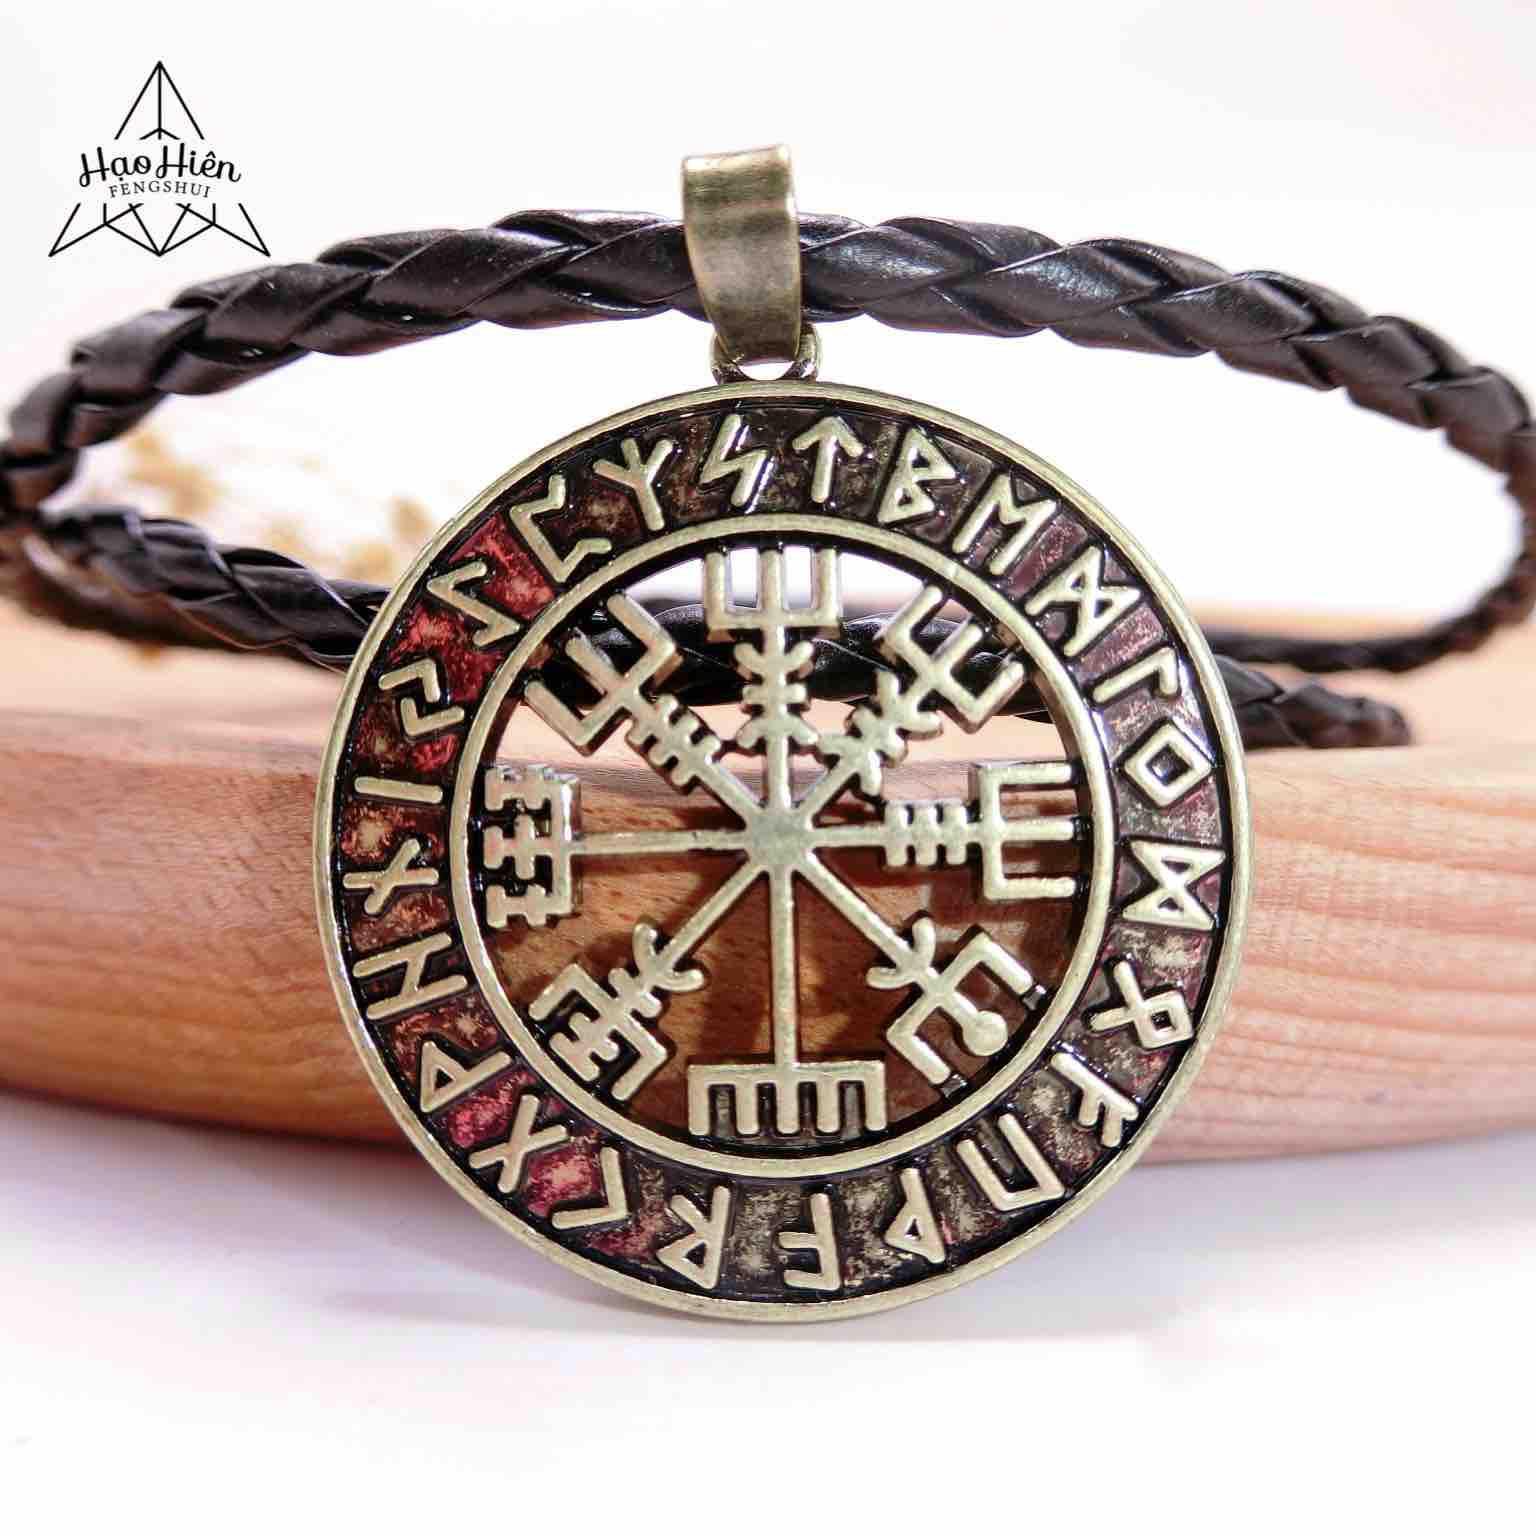 Dây Chuyền Money Amulet - Mang đến Tiền Tài Cho Chủ Nhân Của Nó - Màu Vàng đồng (CHUYÊN CUNG CẤP SỈ, LẺ) Đang Ưu Đãi